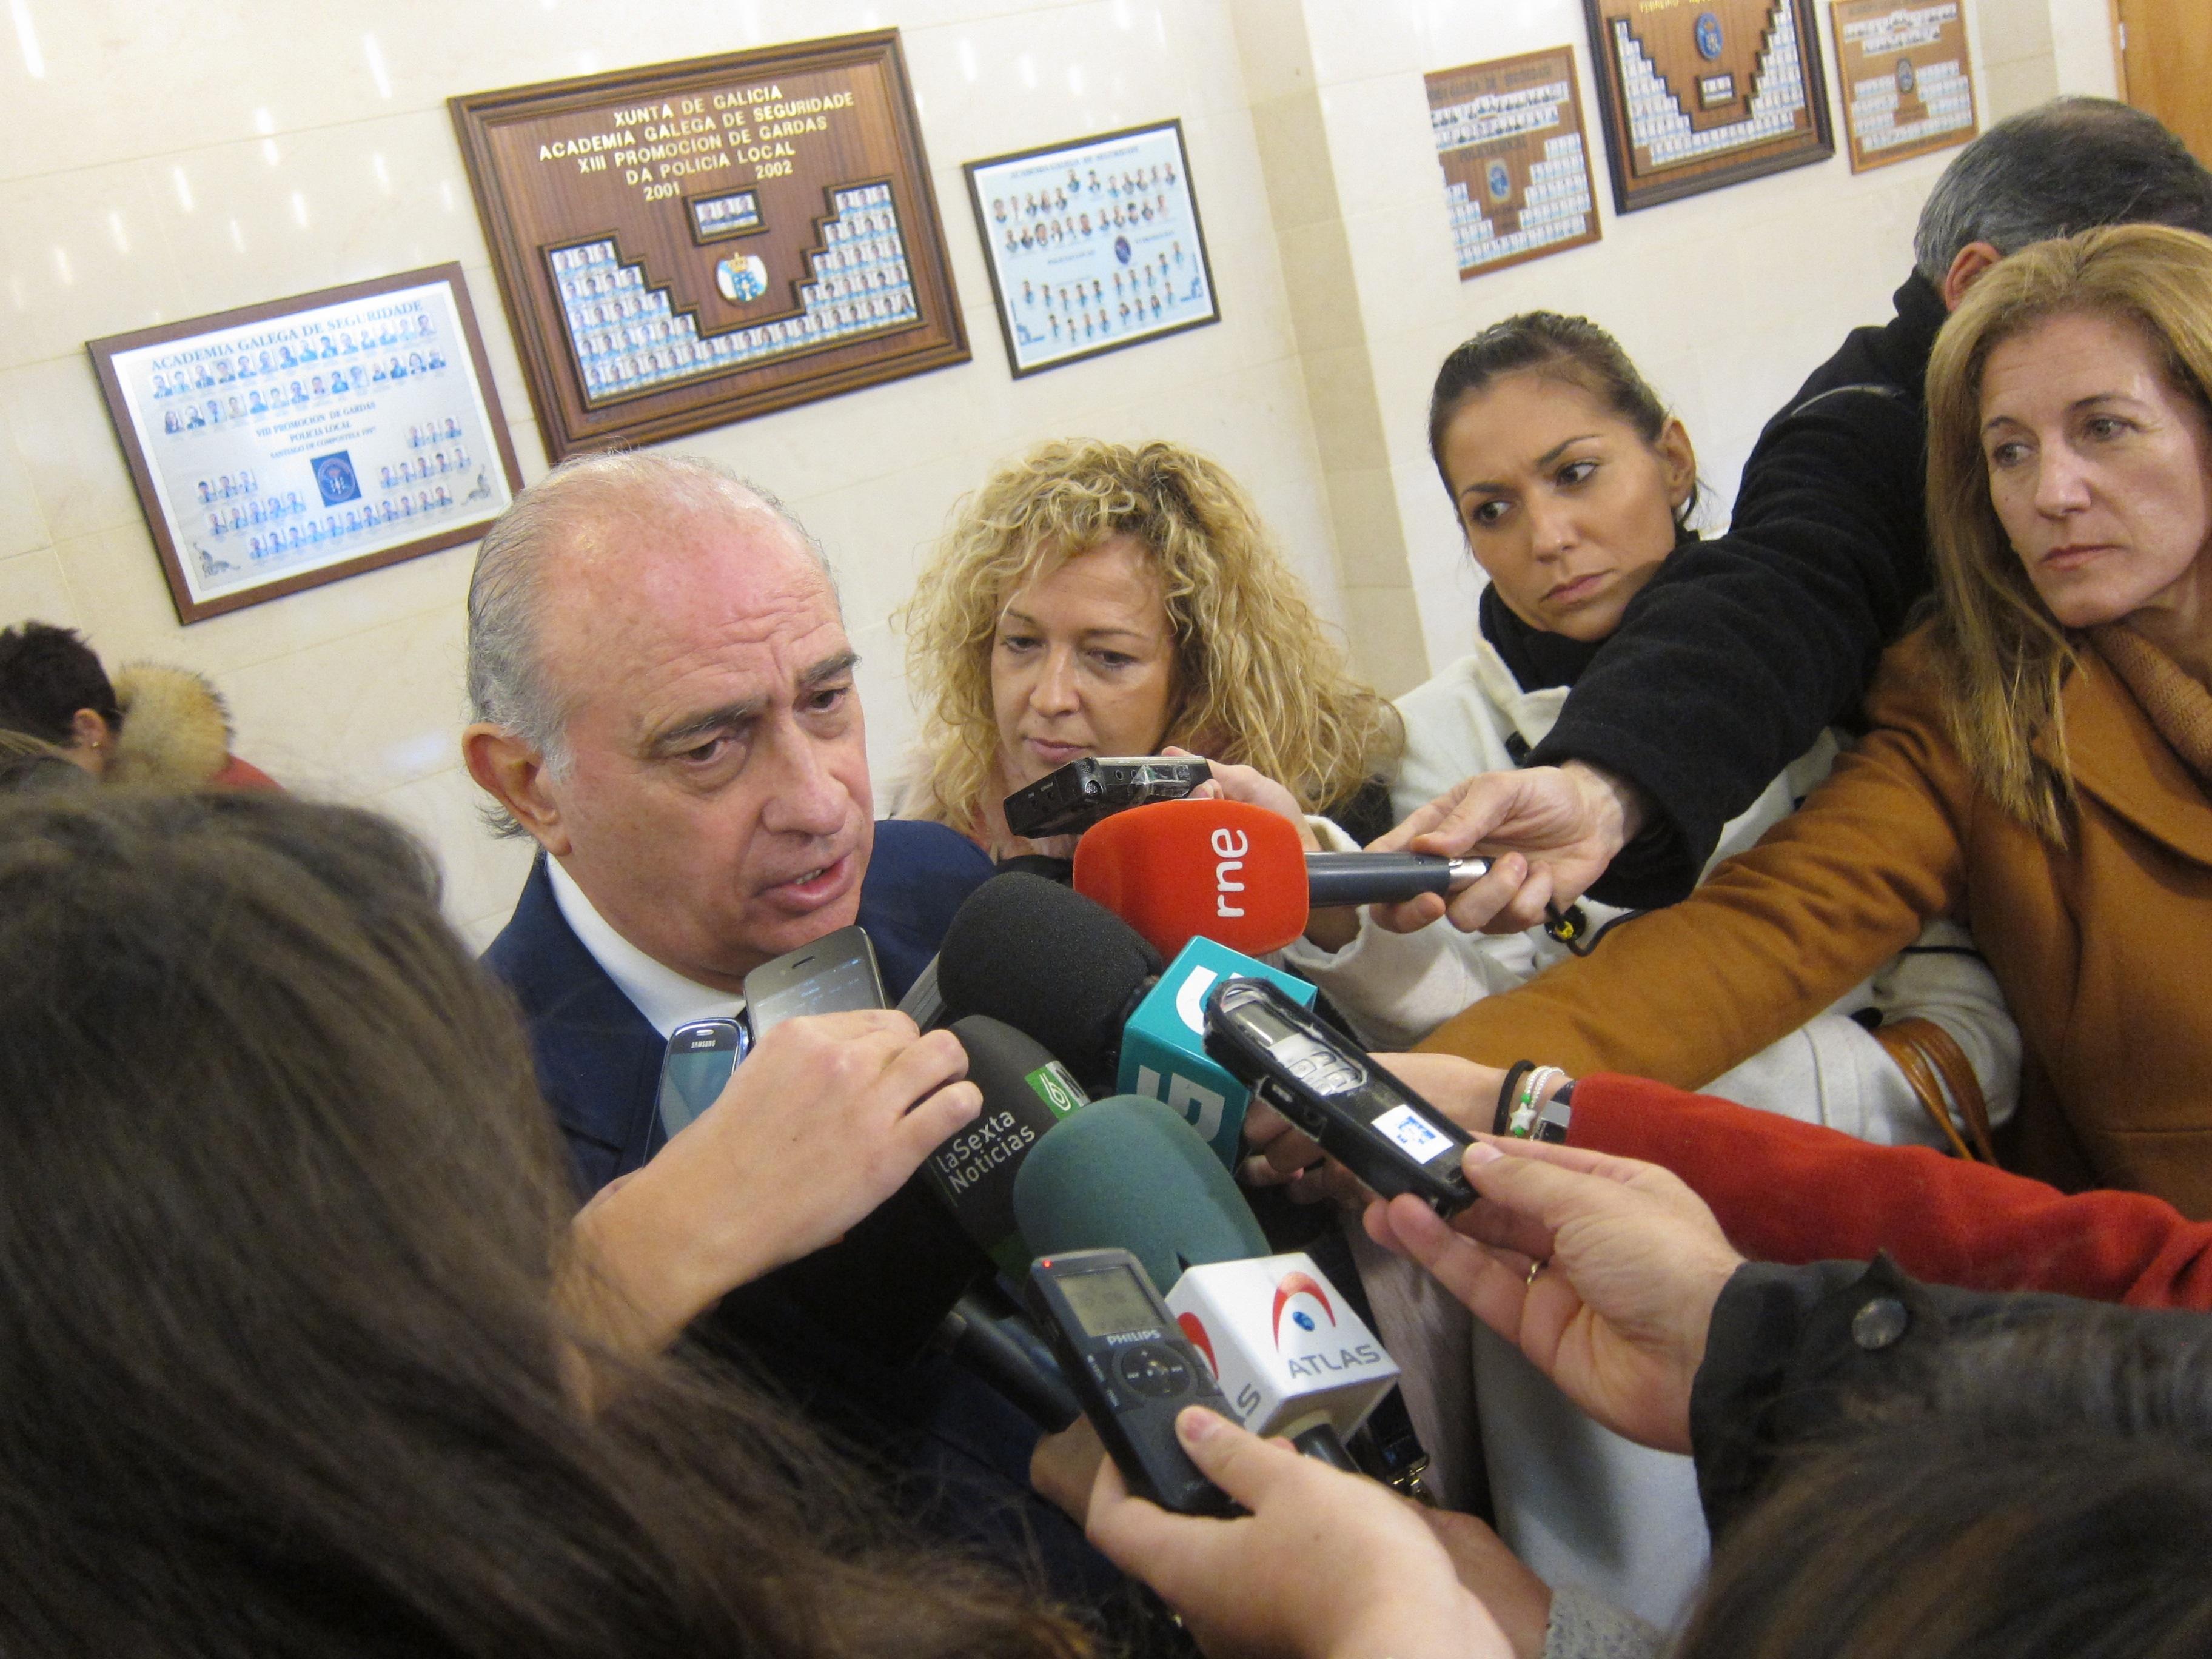 Fernández Díaz «confía» en la labor de los investigadores en el caso de Asunta y afirma que hacen «muy bien» su trabajo